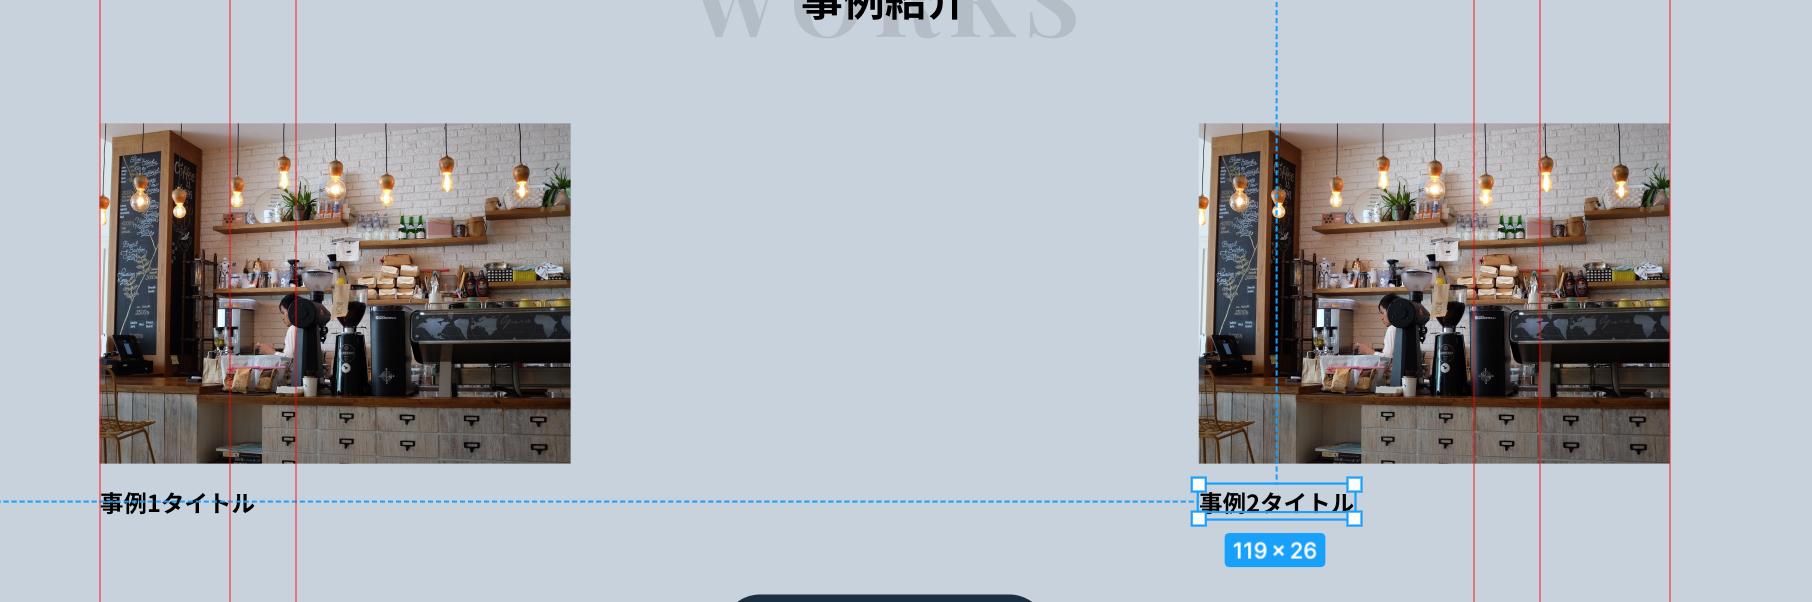 スクリーンショット-2021-08-04-14.03.11